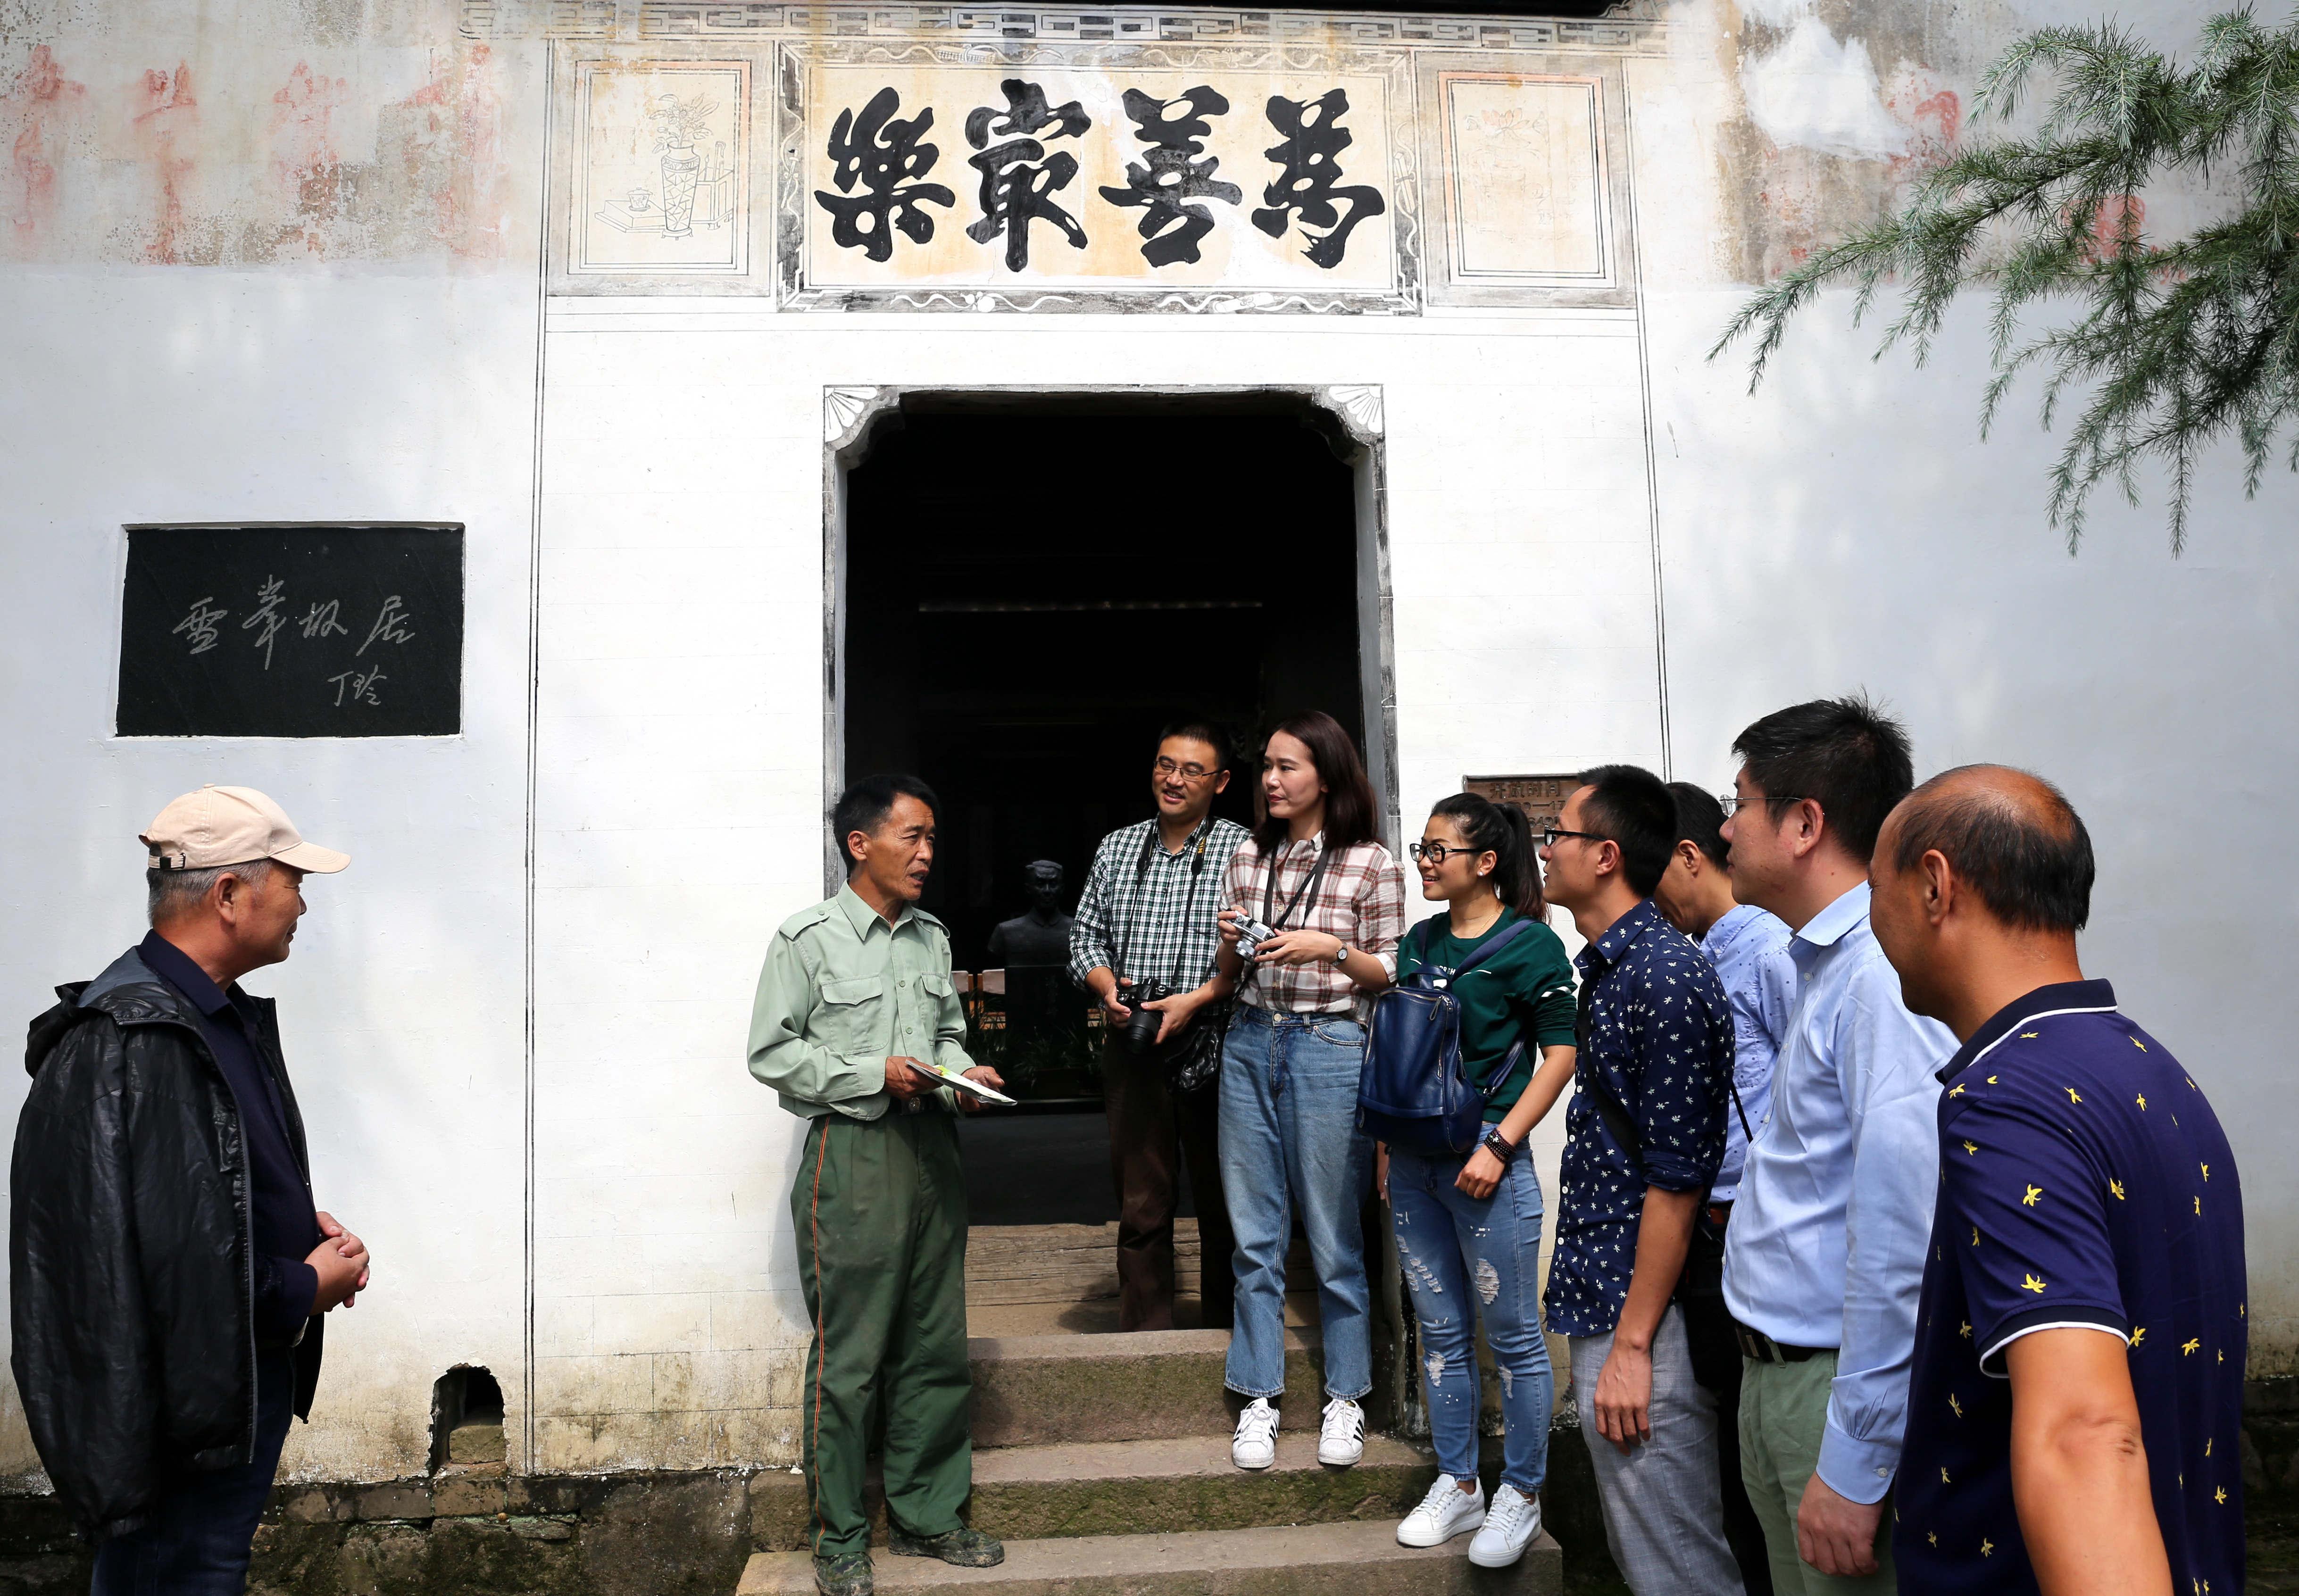 冯潮忠正在为游客讲解消防知识.JPG